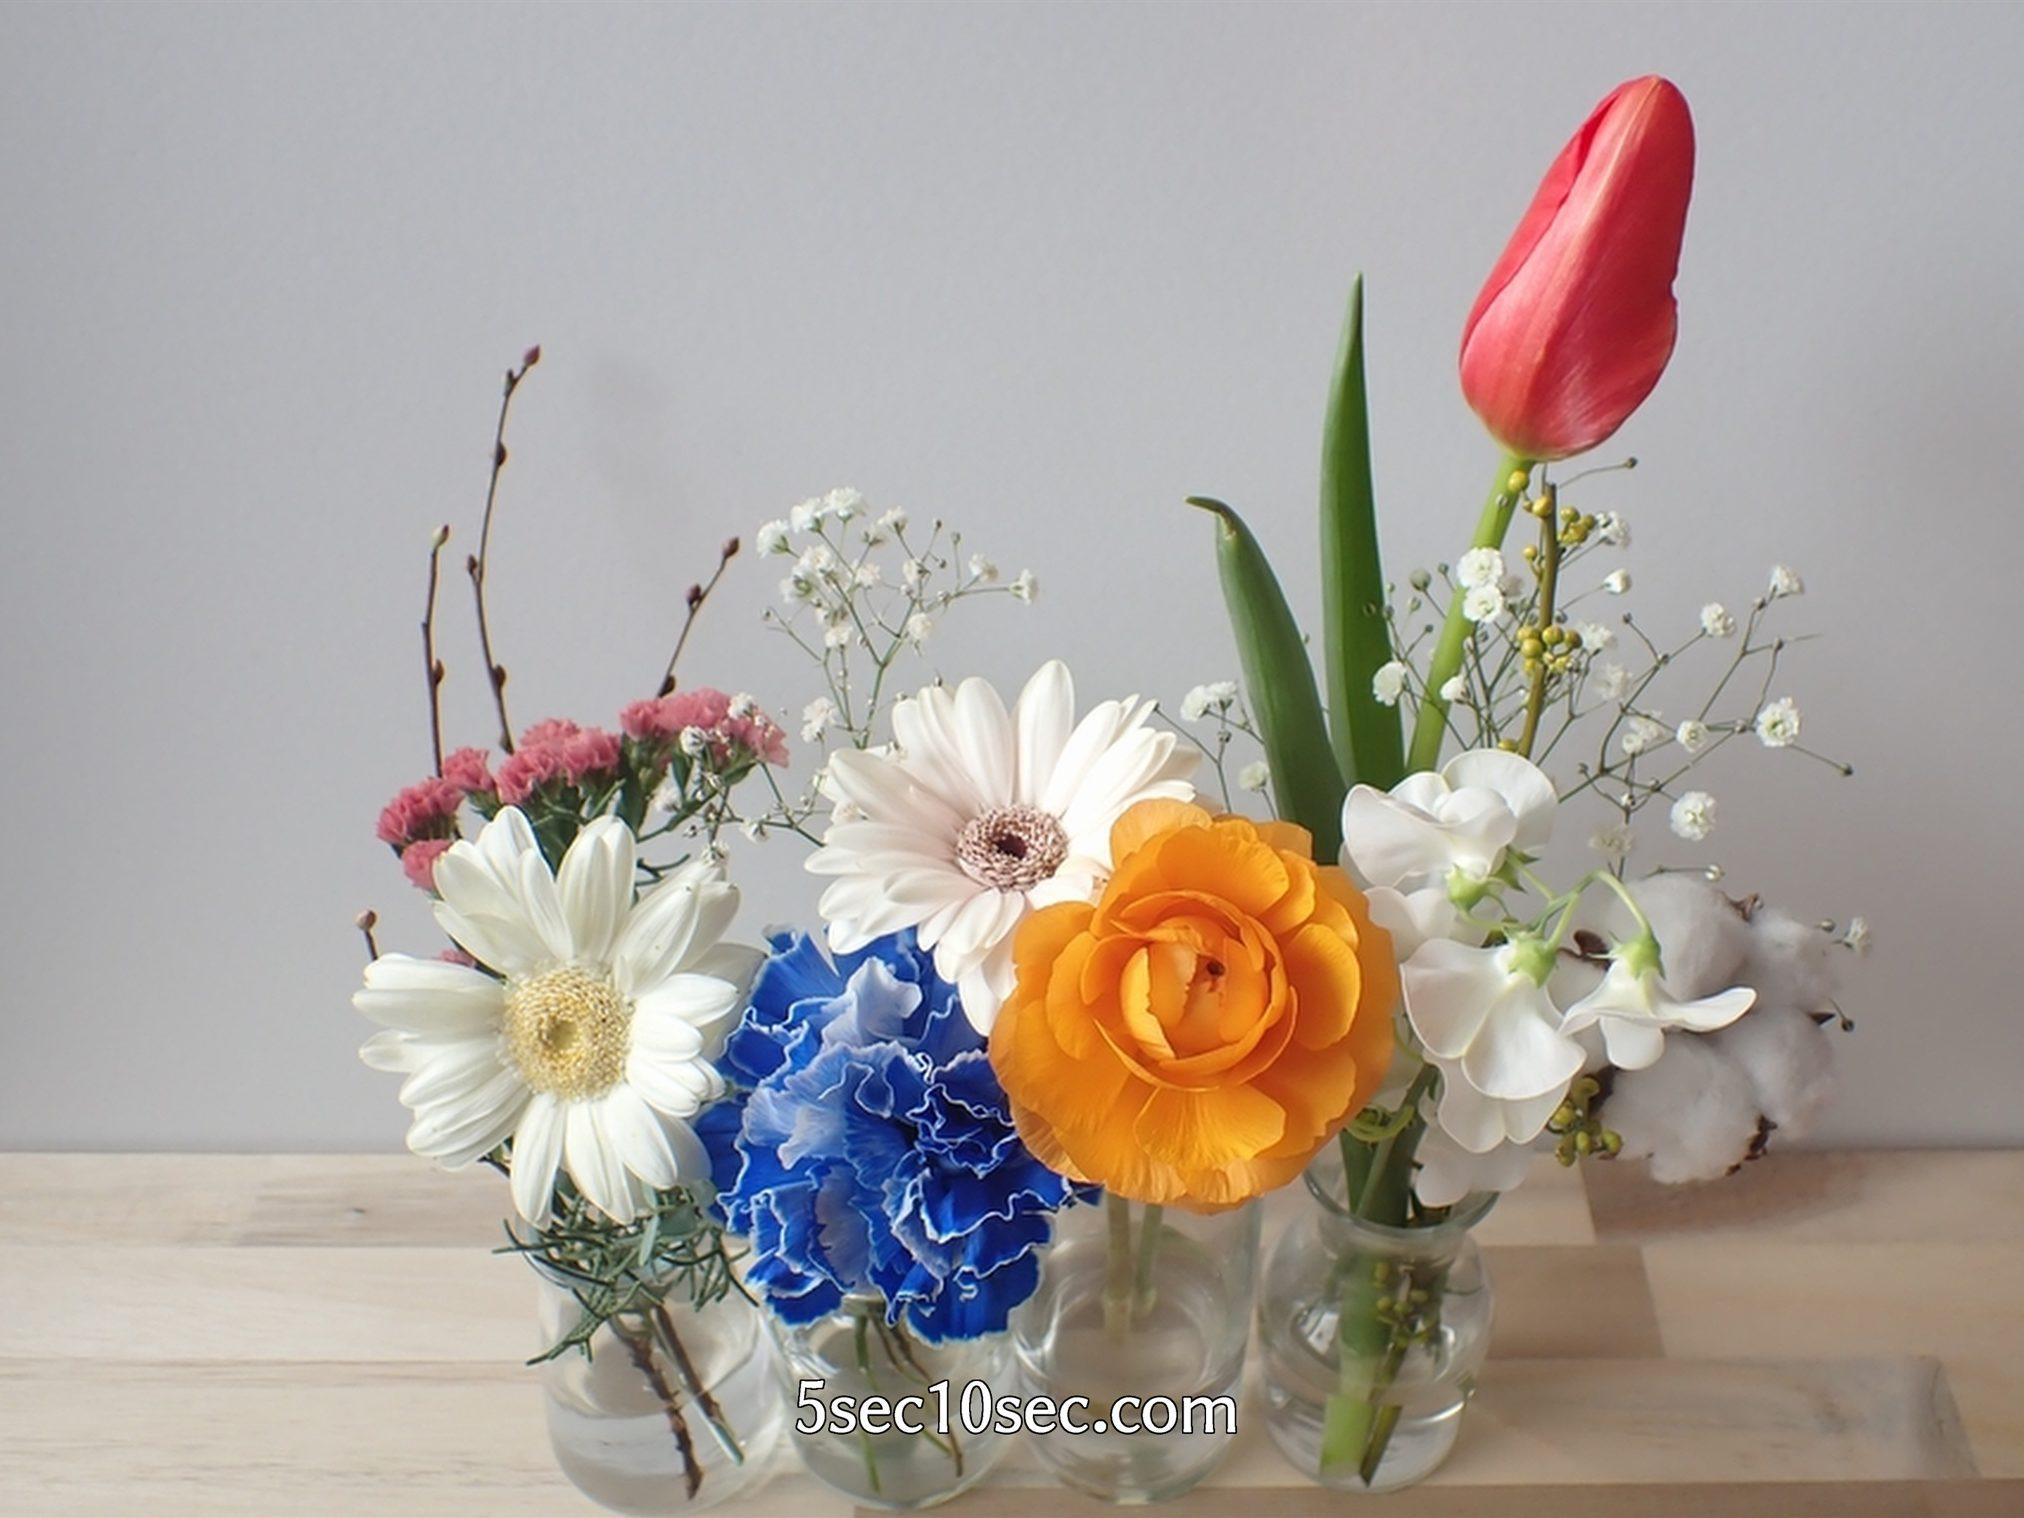 株式会社Crunch Style お花の定期便 Bloomee LIFE ブルーミーライフ 届いてから6日目のお花の状態、暗いところに置いておいたからチューリップのつぼみが閉じている